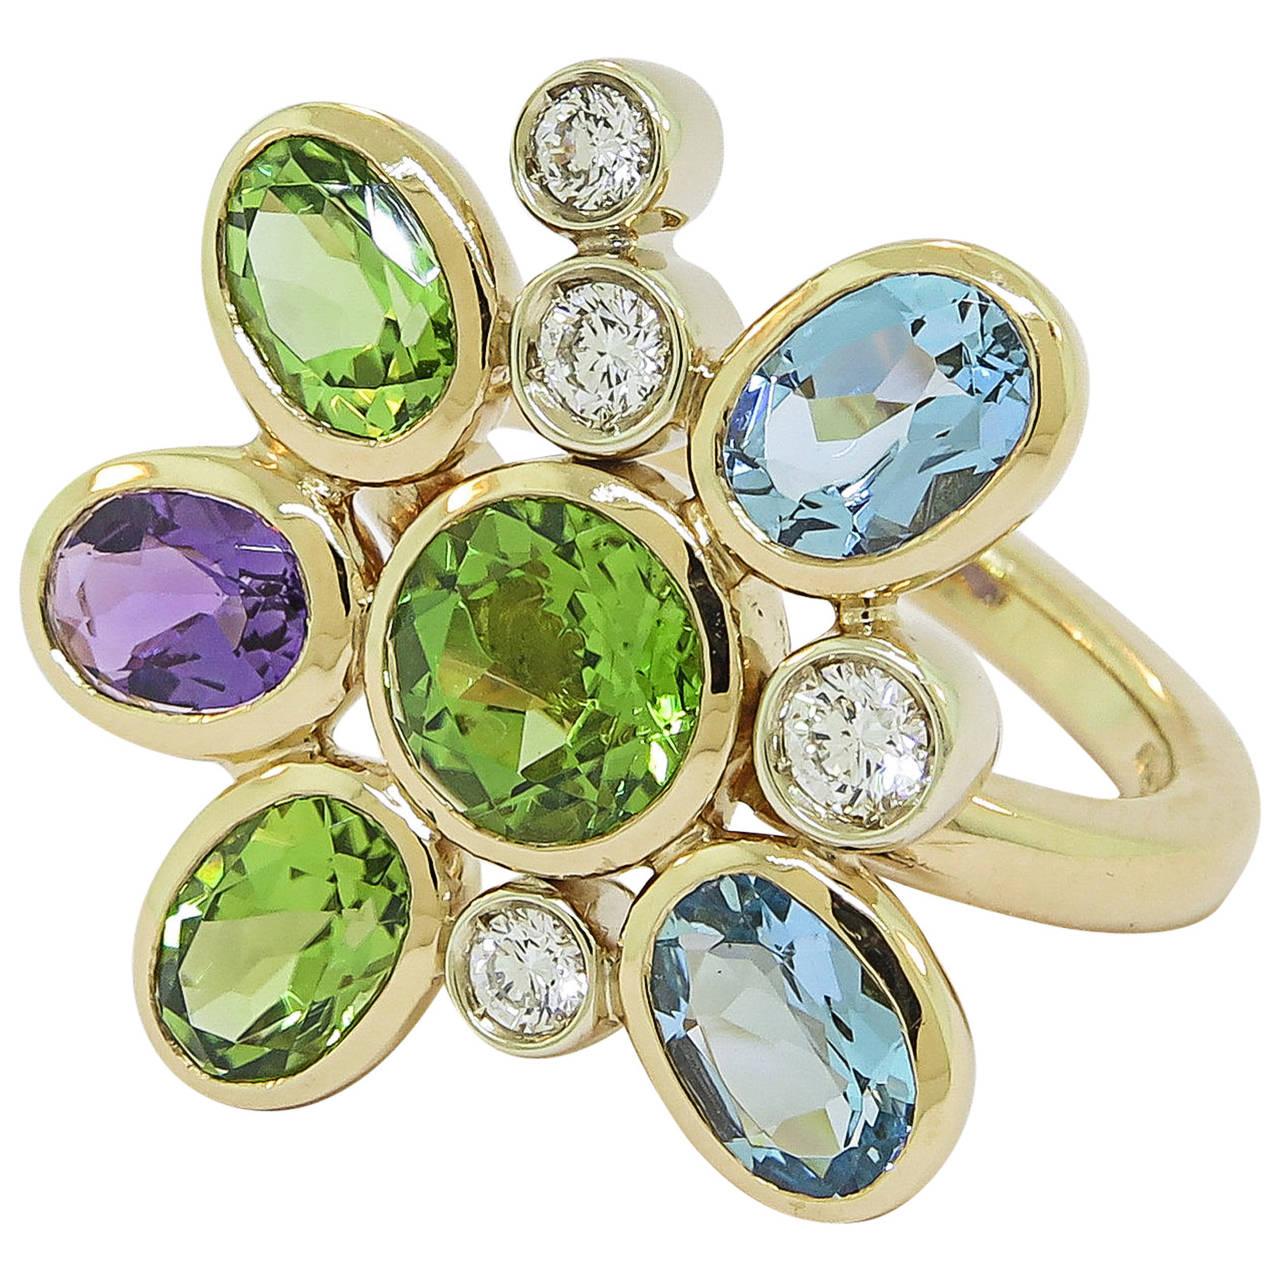 Manfredi of Italy Gem Set Diamond Gold Flower Ring